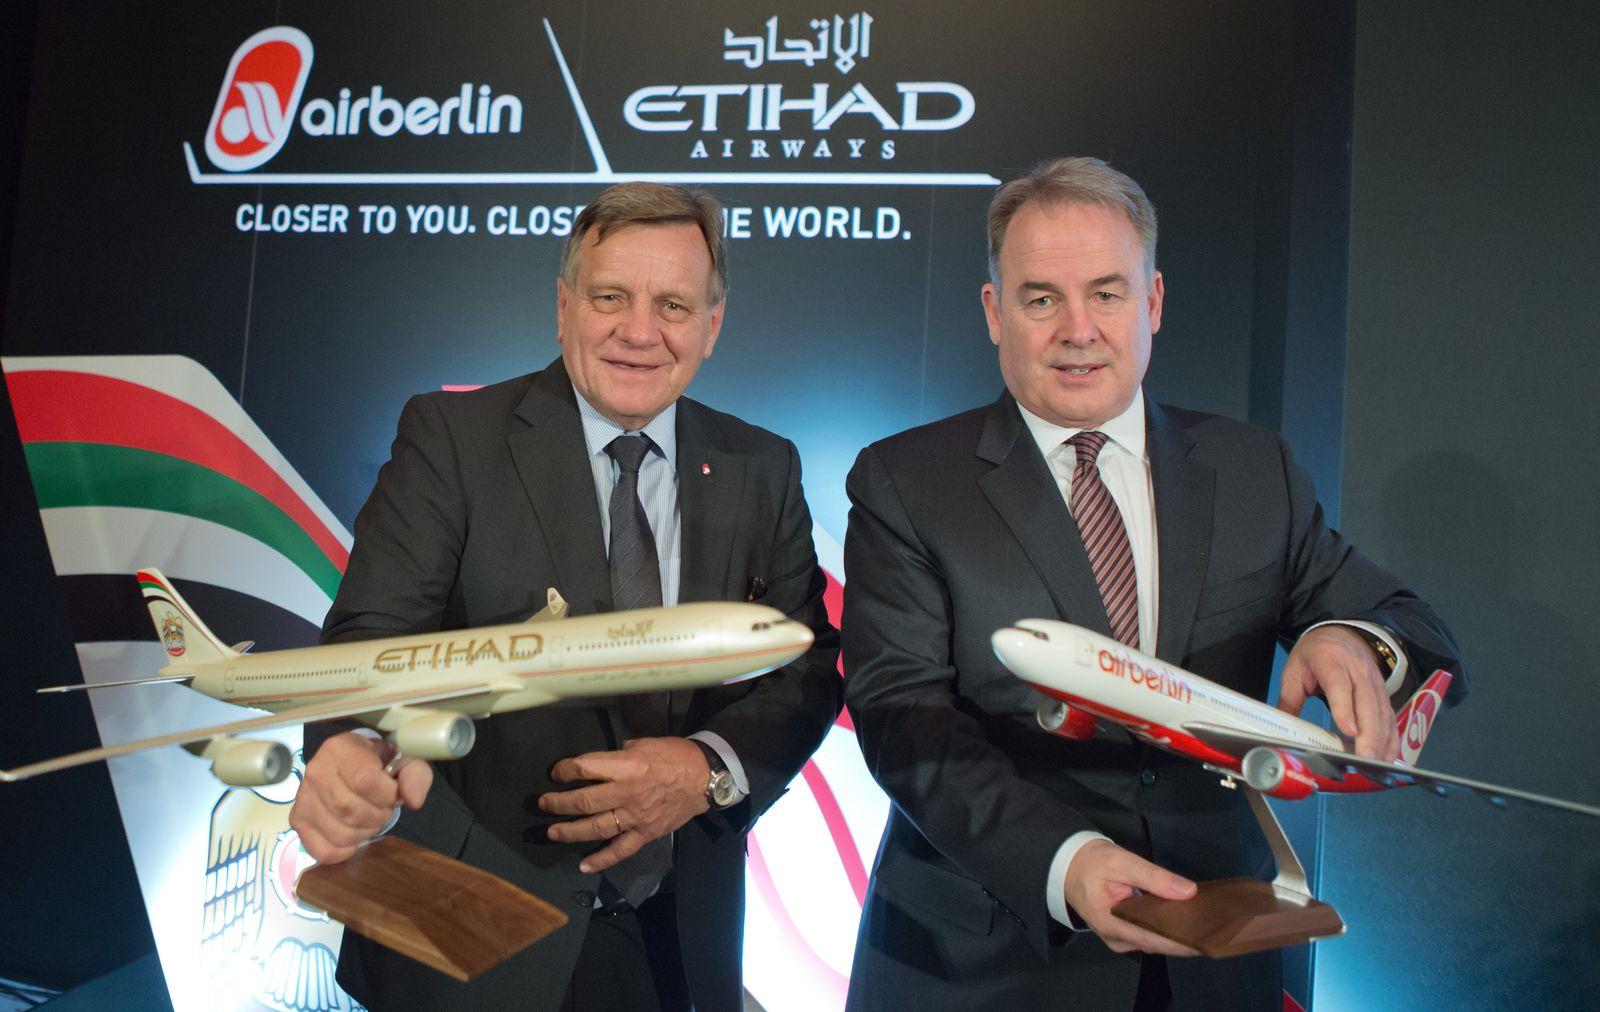 Air Berlin/ Etihad Airways